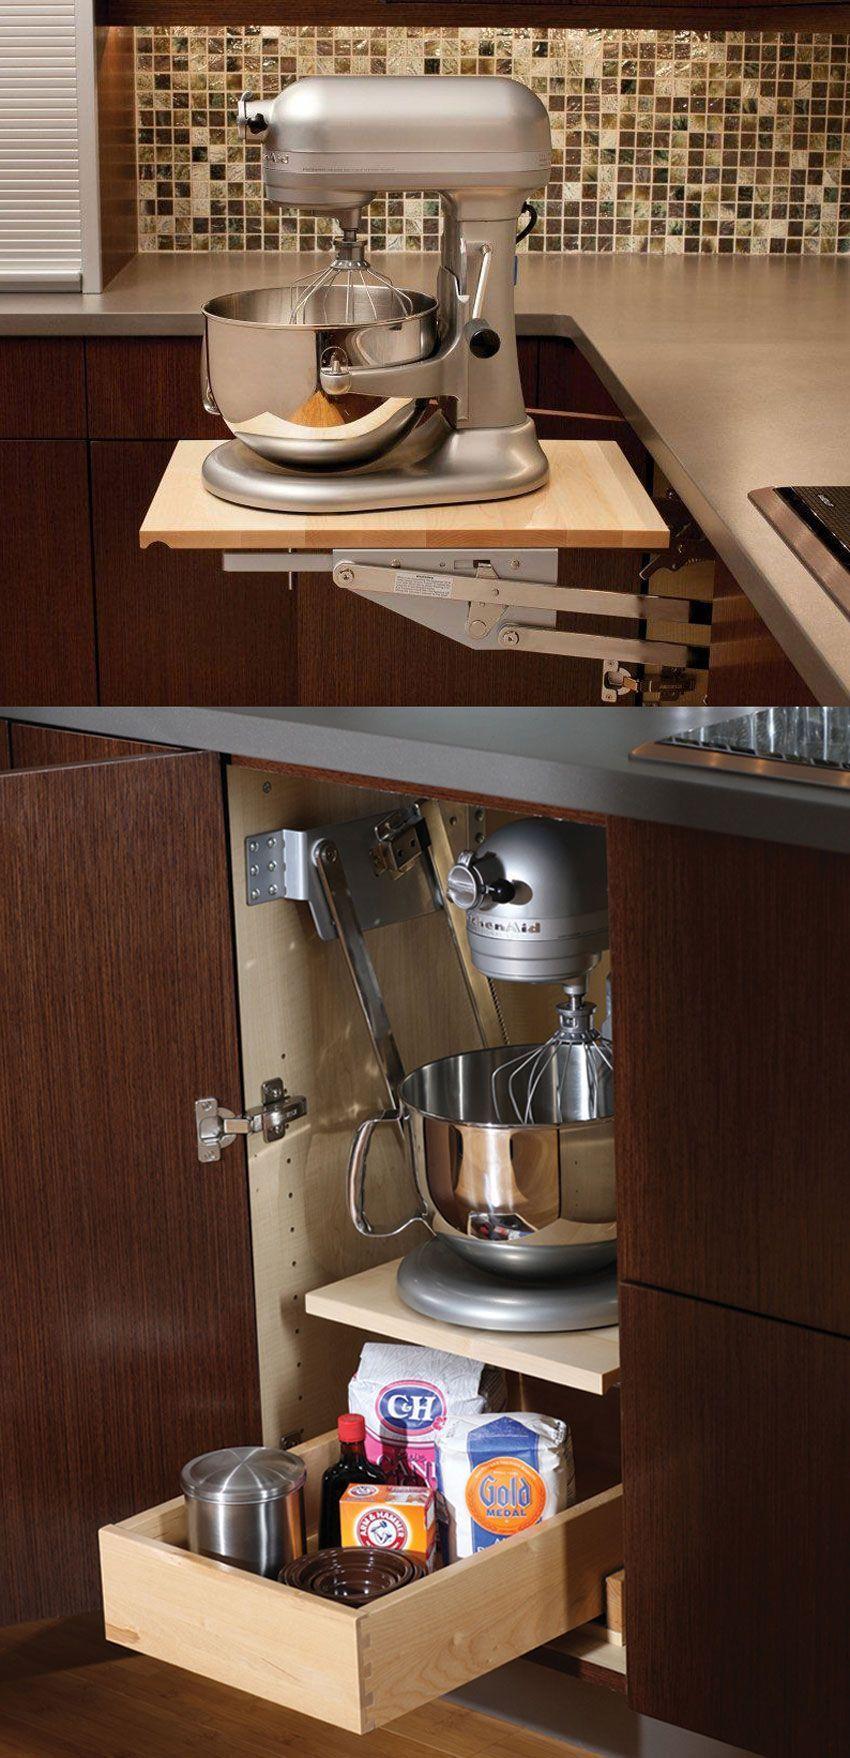 Mixer Kitchen Appliance Storage Cabinet A